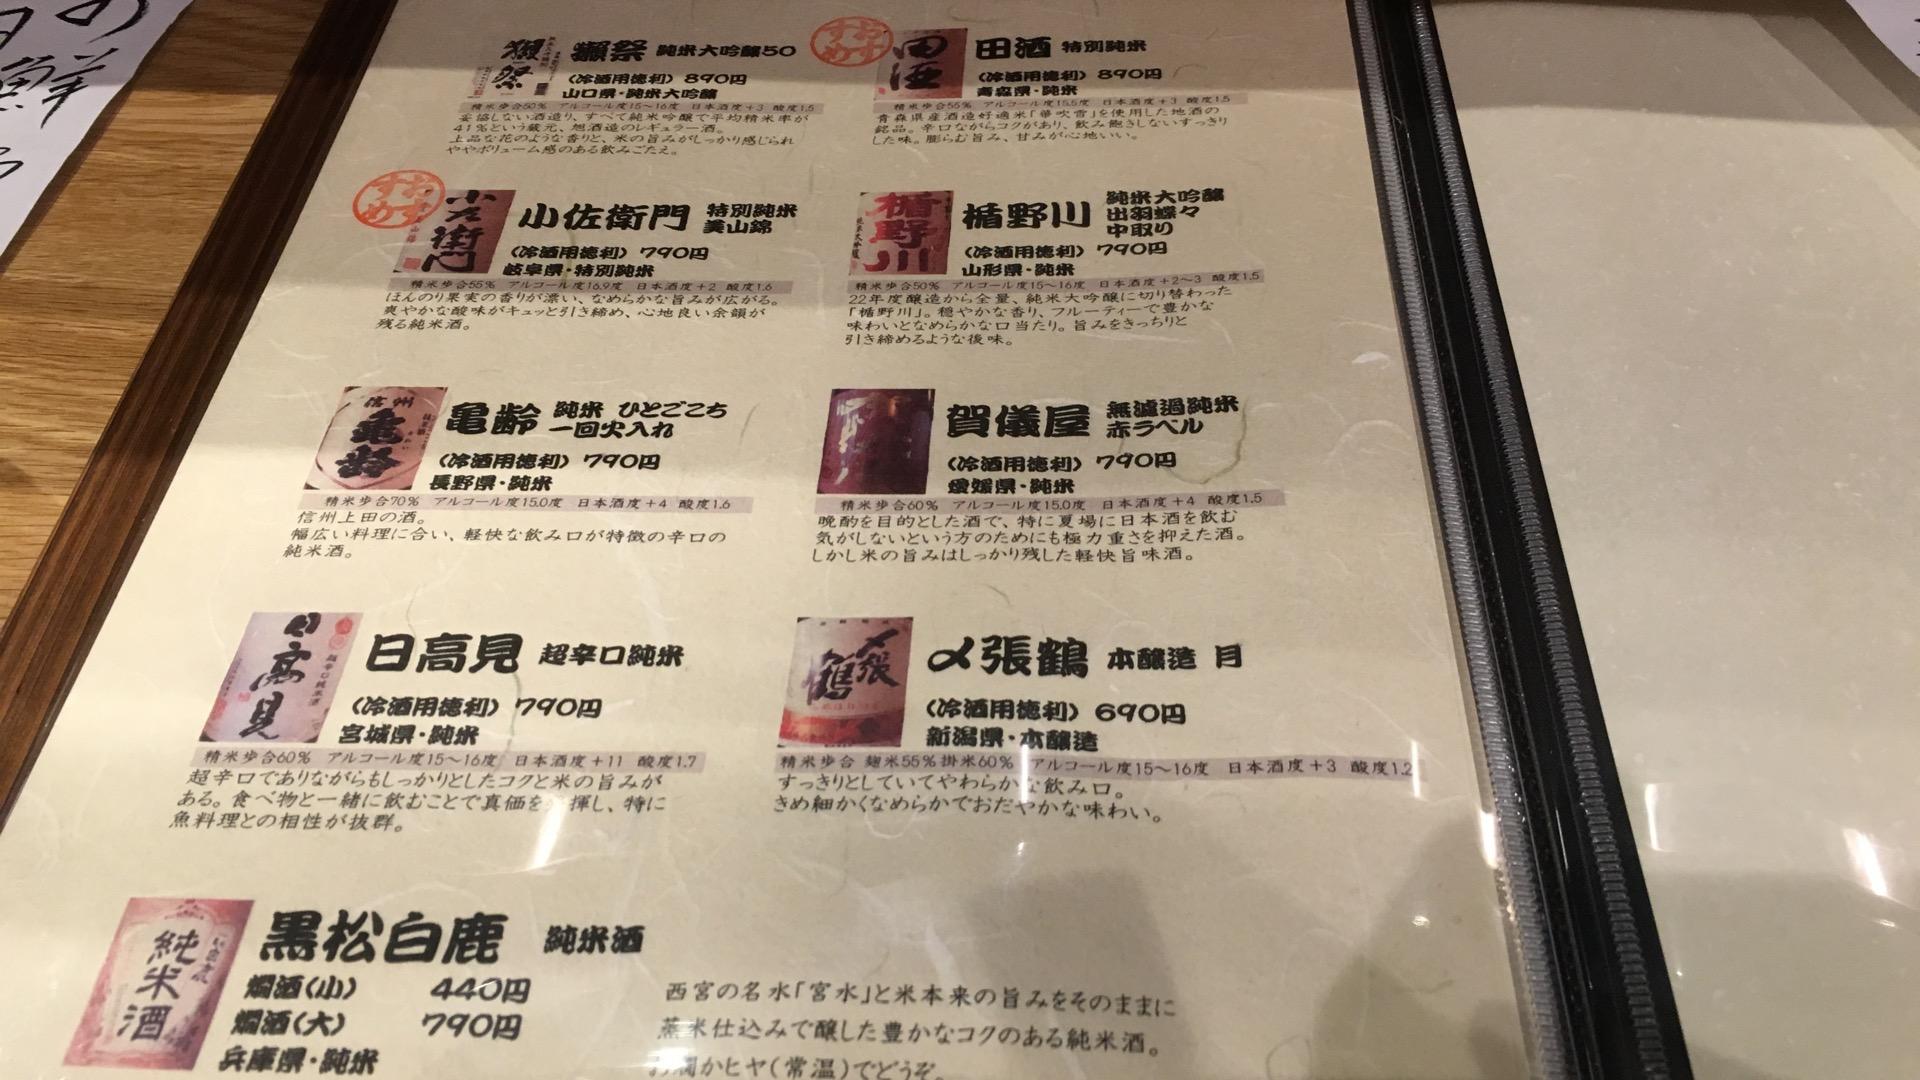 【大宮区】さいたま新都心駅 東口 駅近で、おすすめの居酒屋 新店「スケイチ」に行ってきた